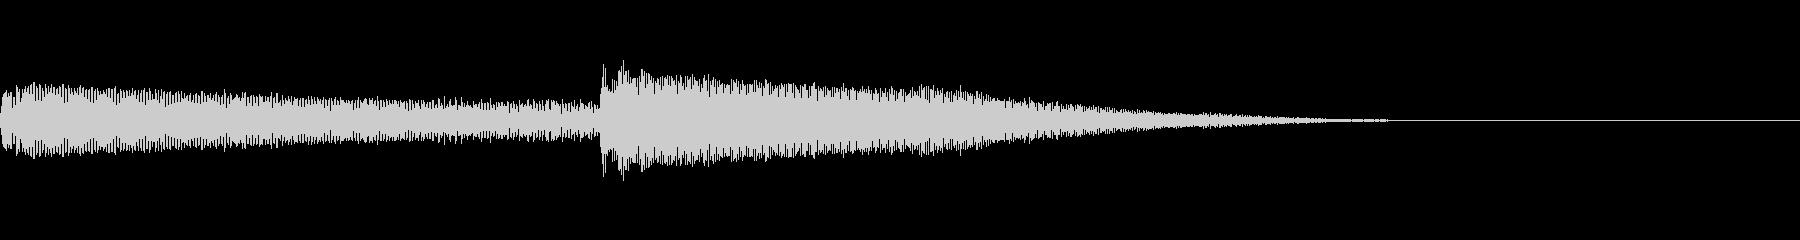 ゆったり流れるようなシンセ曲の未再生の波形